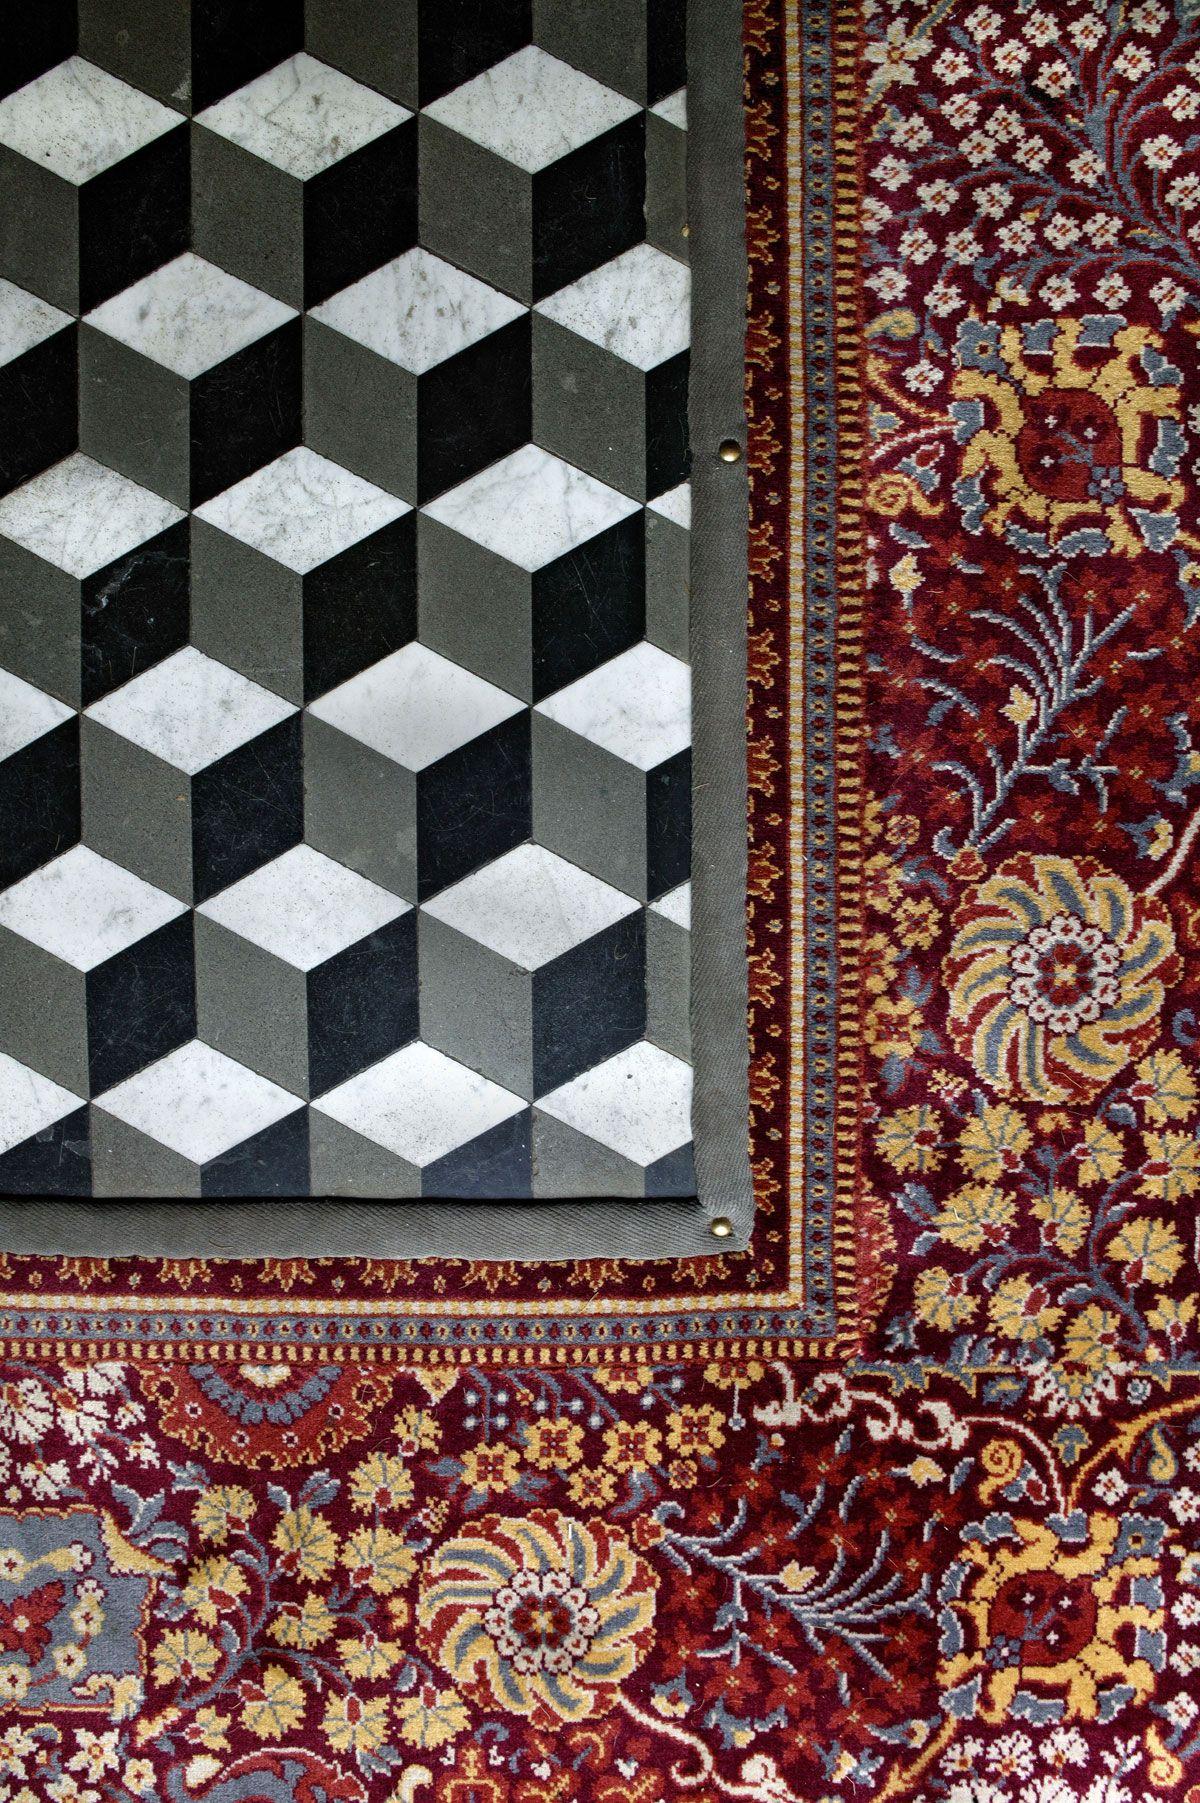 un h tel particulier paris graf moquette pinterest architecte interieur hotel. Black Bedroom Furniture Sets. Home Design Ideas